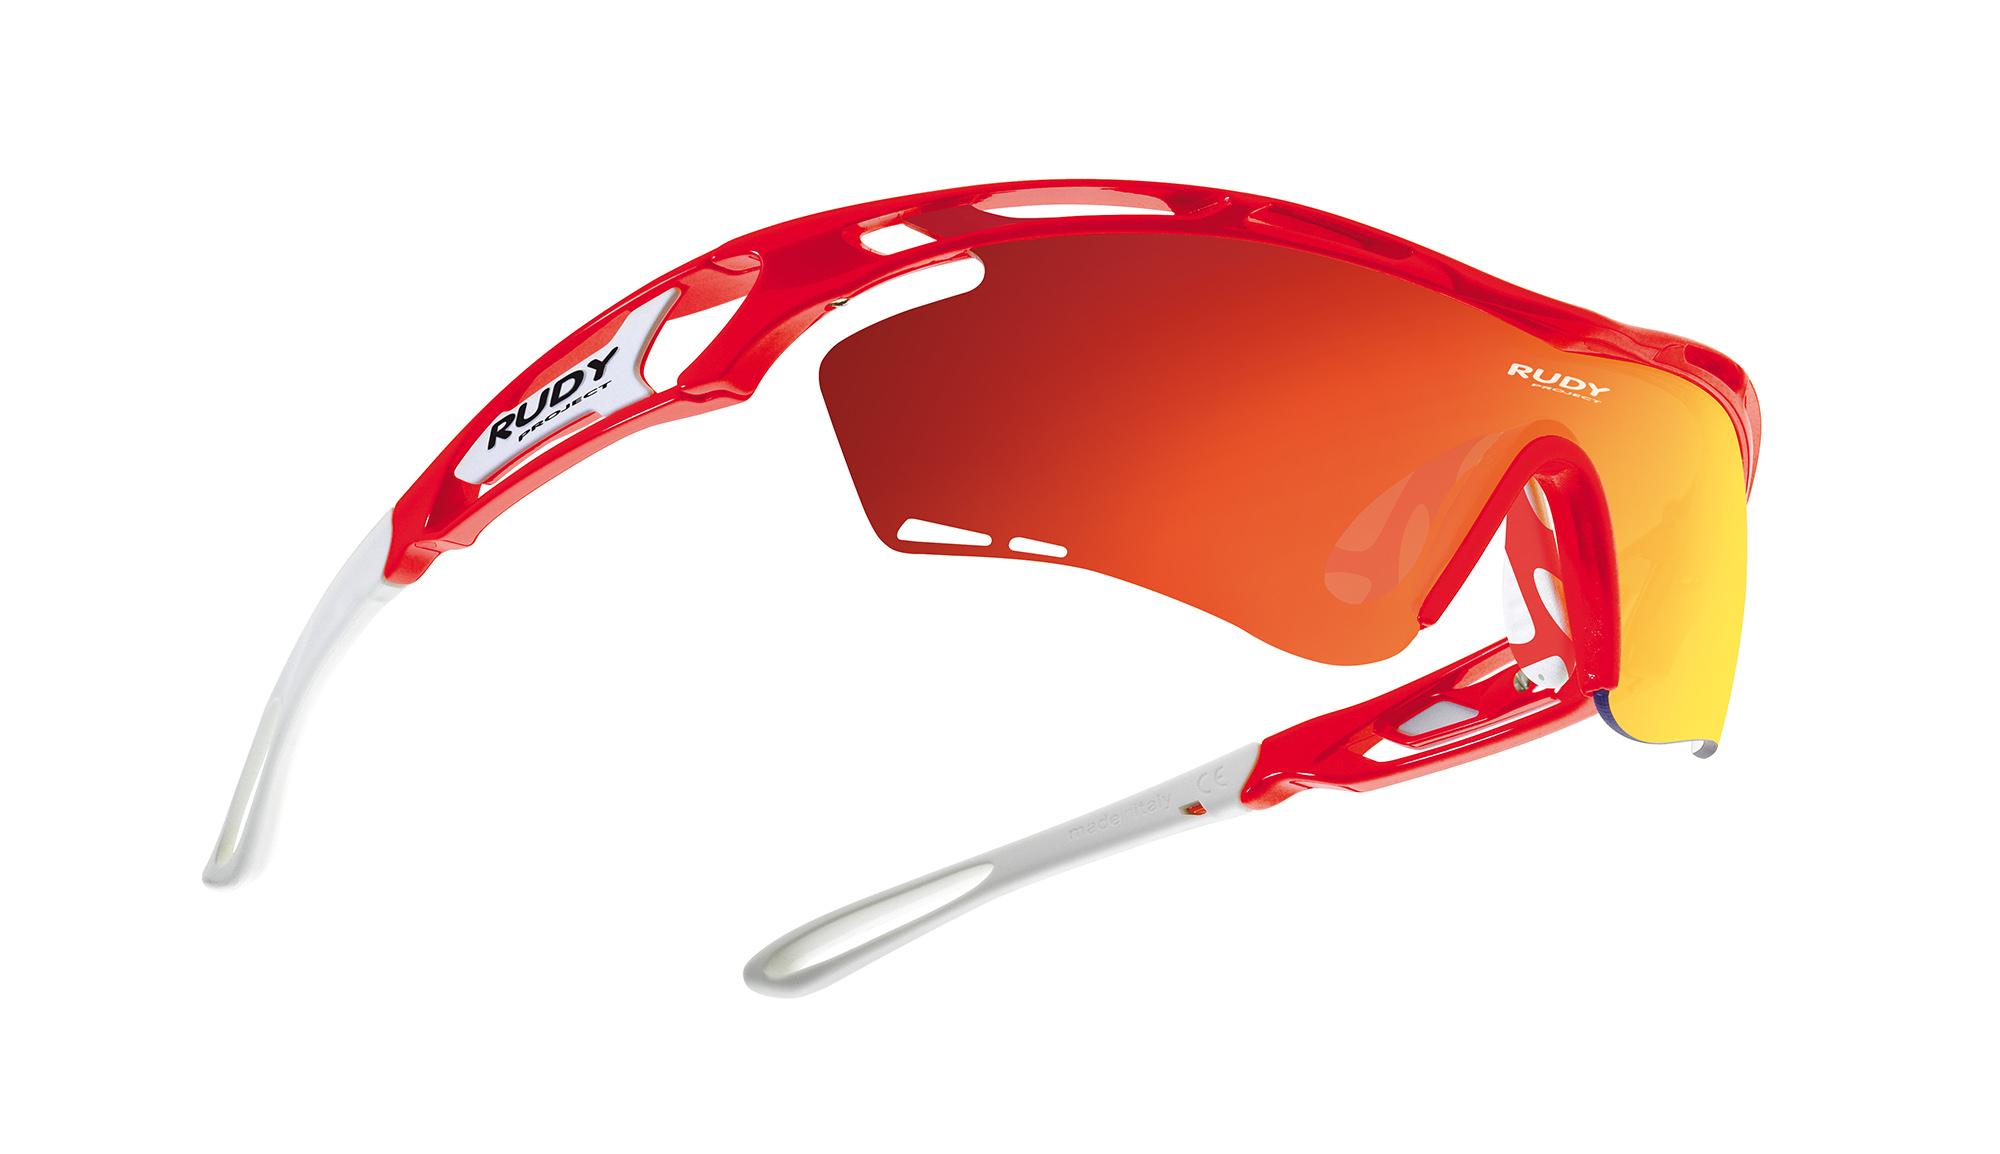 3c8e376d04 A csapatban többek között olyan nevek versenyeznek majd Rudy Project  szemüvegben